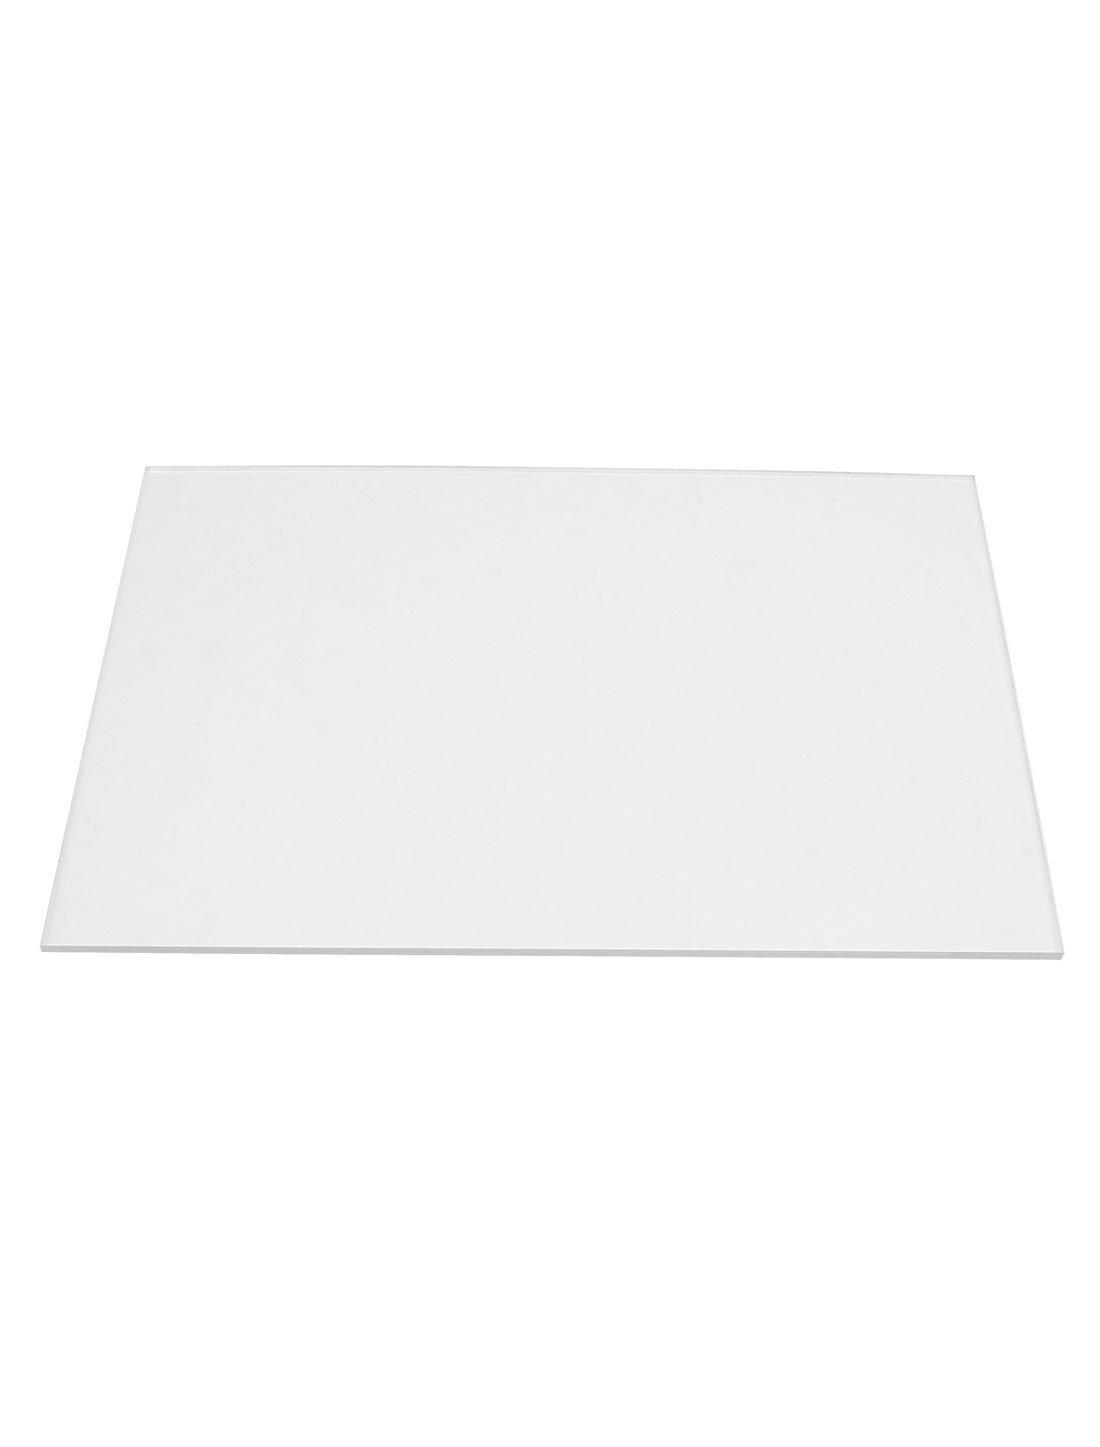 2mm Klare Plexiglas Acryl Ausschnitt Plexiglas Blatt A4 Gr/ö/ße 210 mm x 297 mm